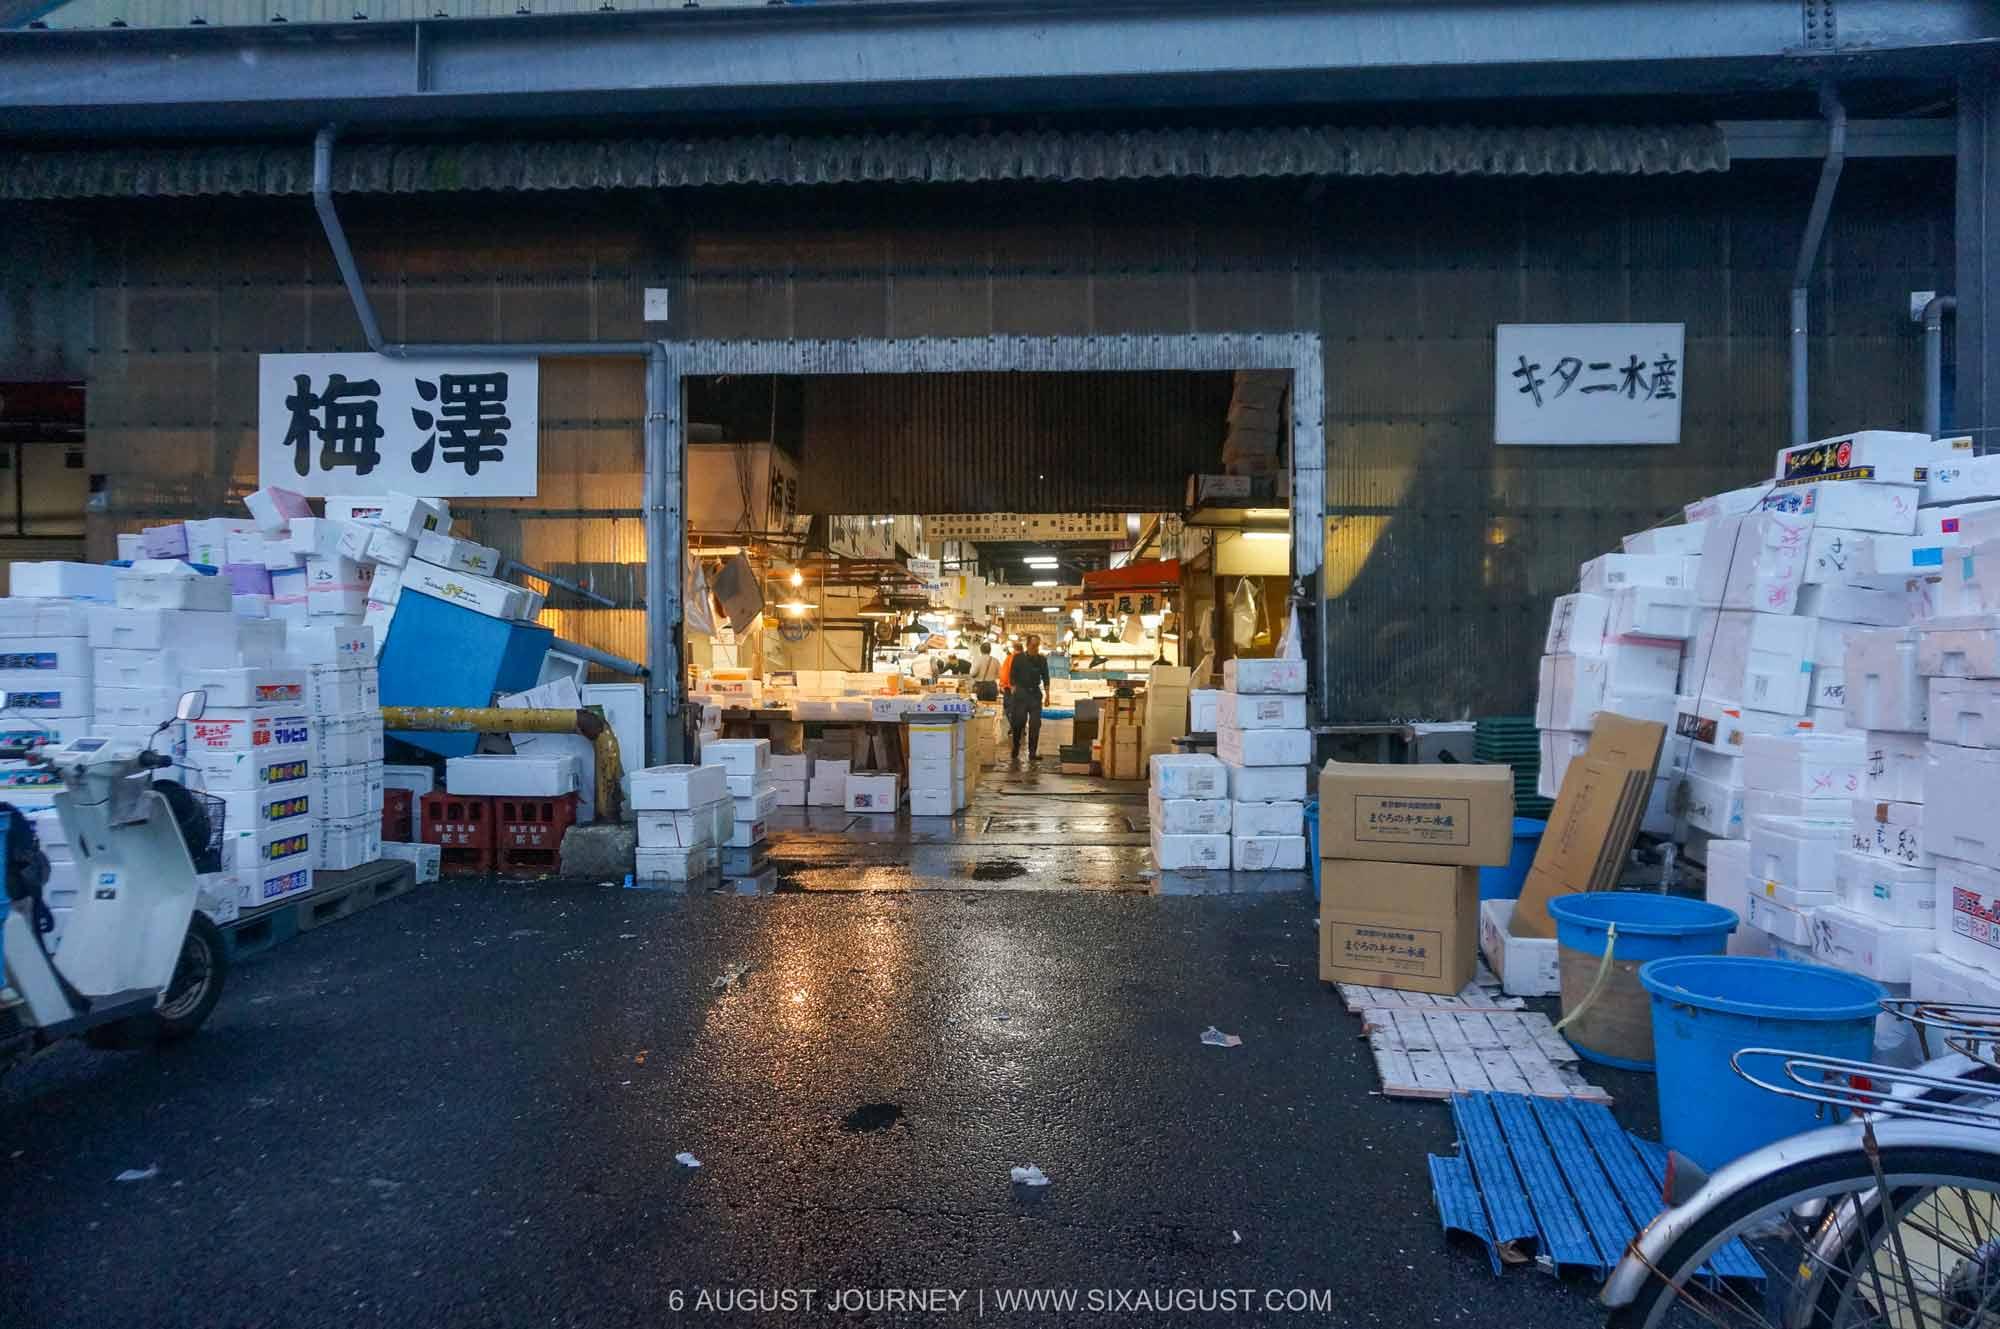 กล่องตลาดปลา Tsukiji